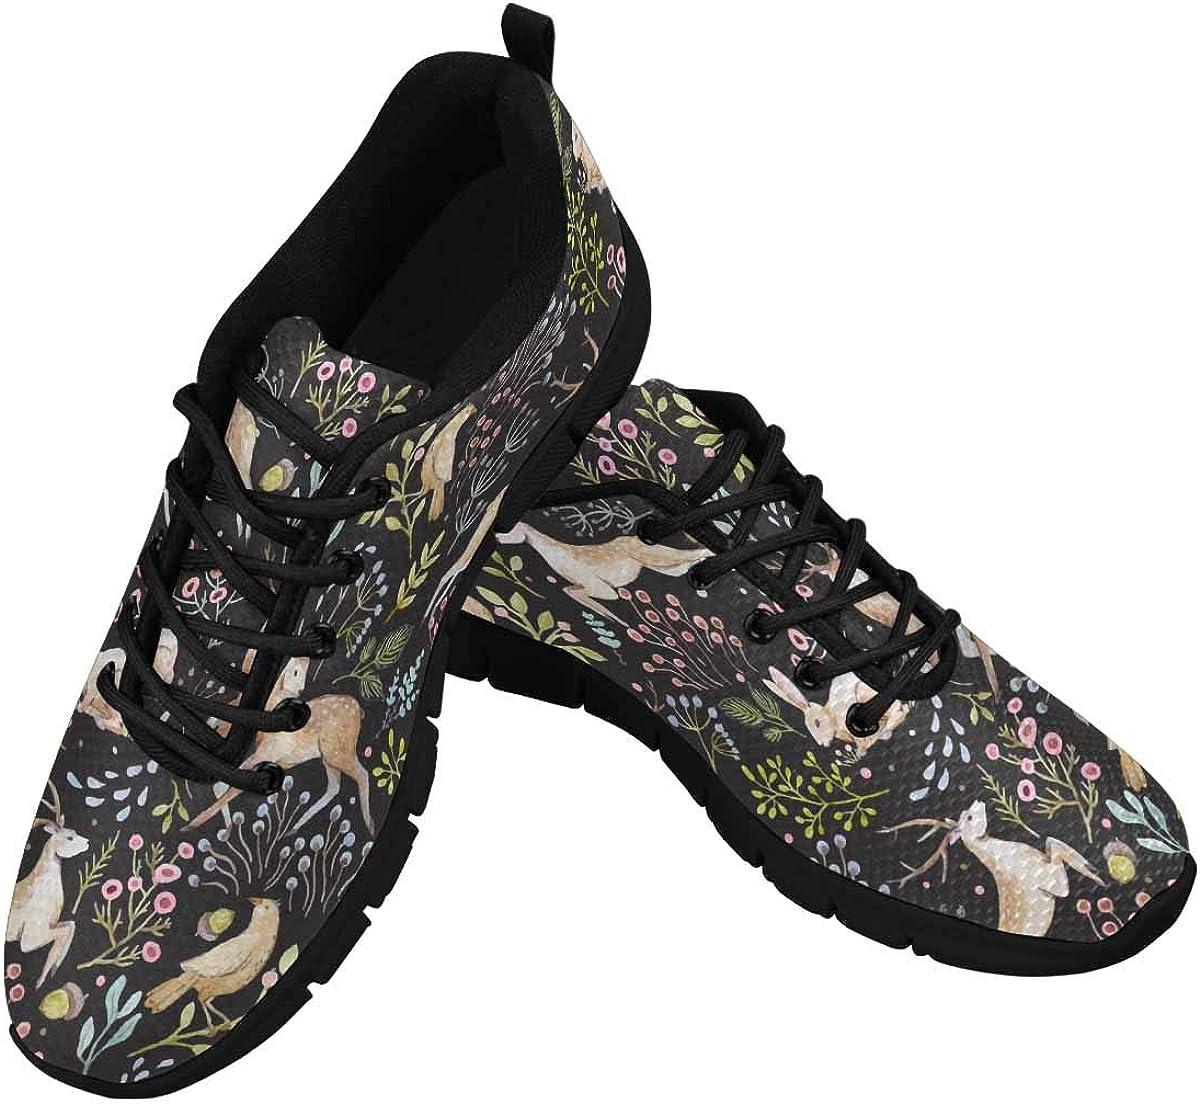 InterestPrint Deers Rabbits Birds Women's Athletic Walking Running Sneakers Comfortable Lightweight Shoes